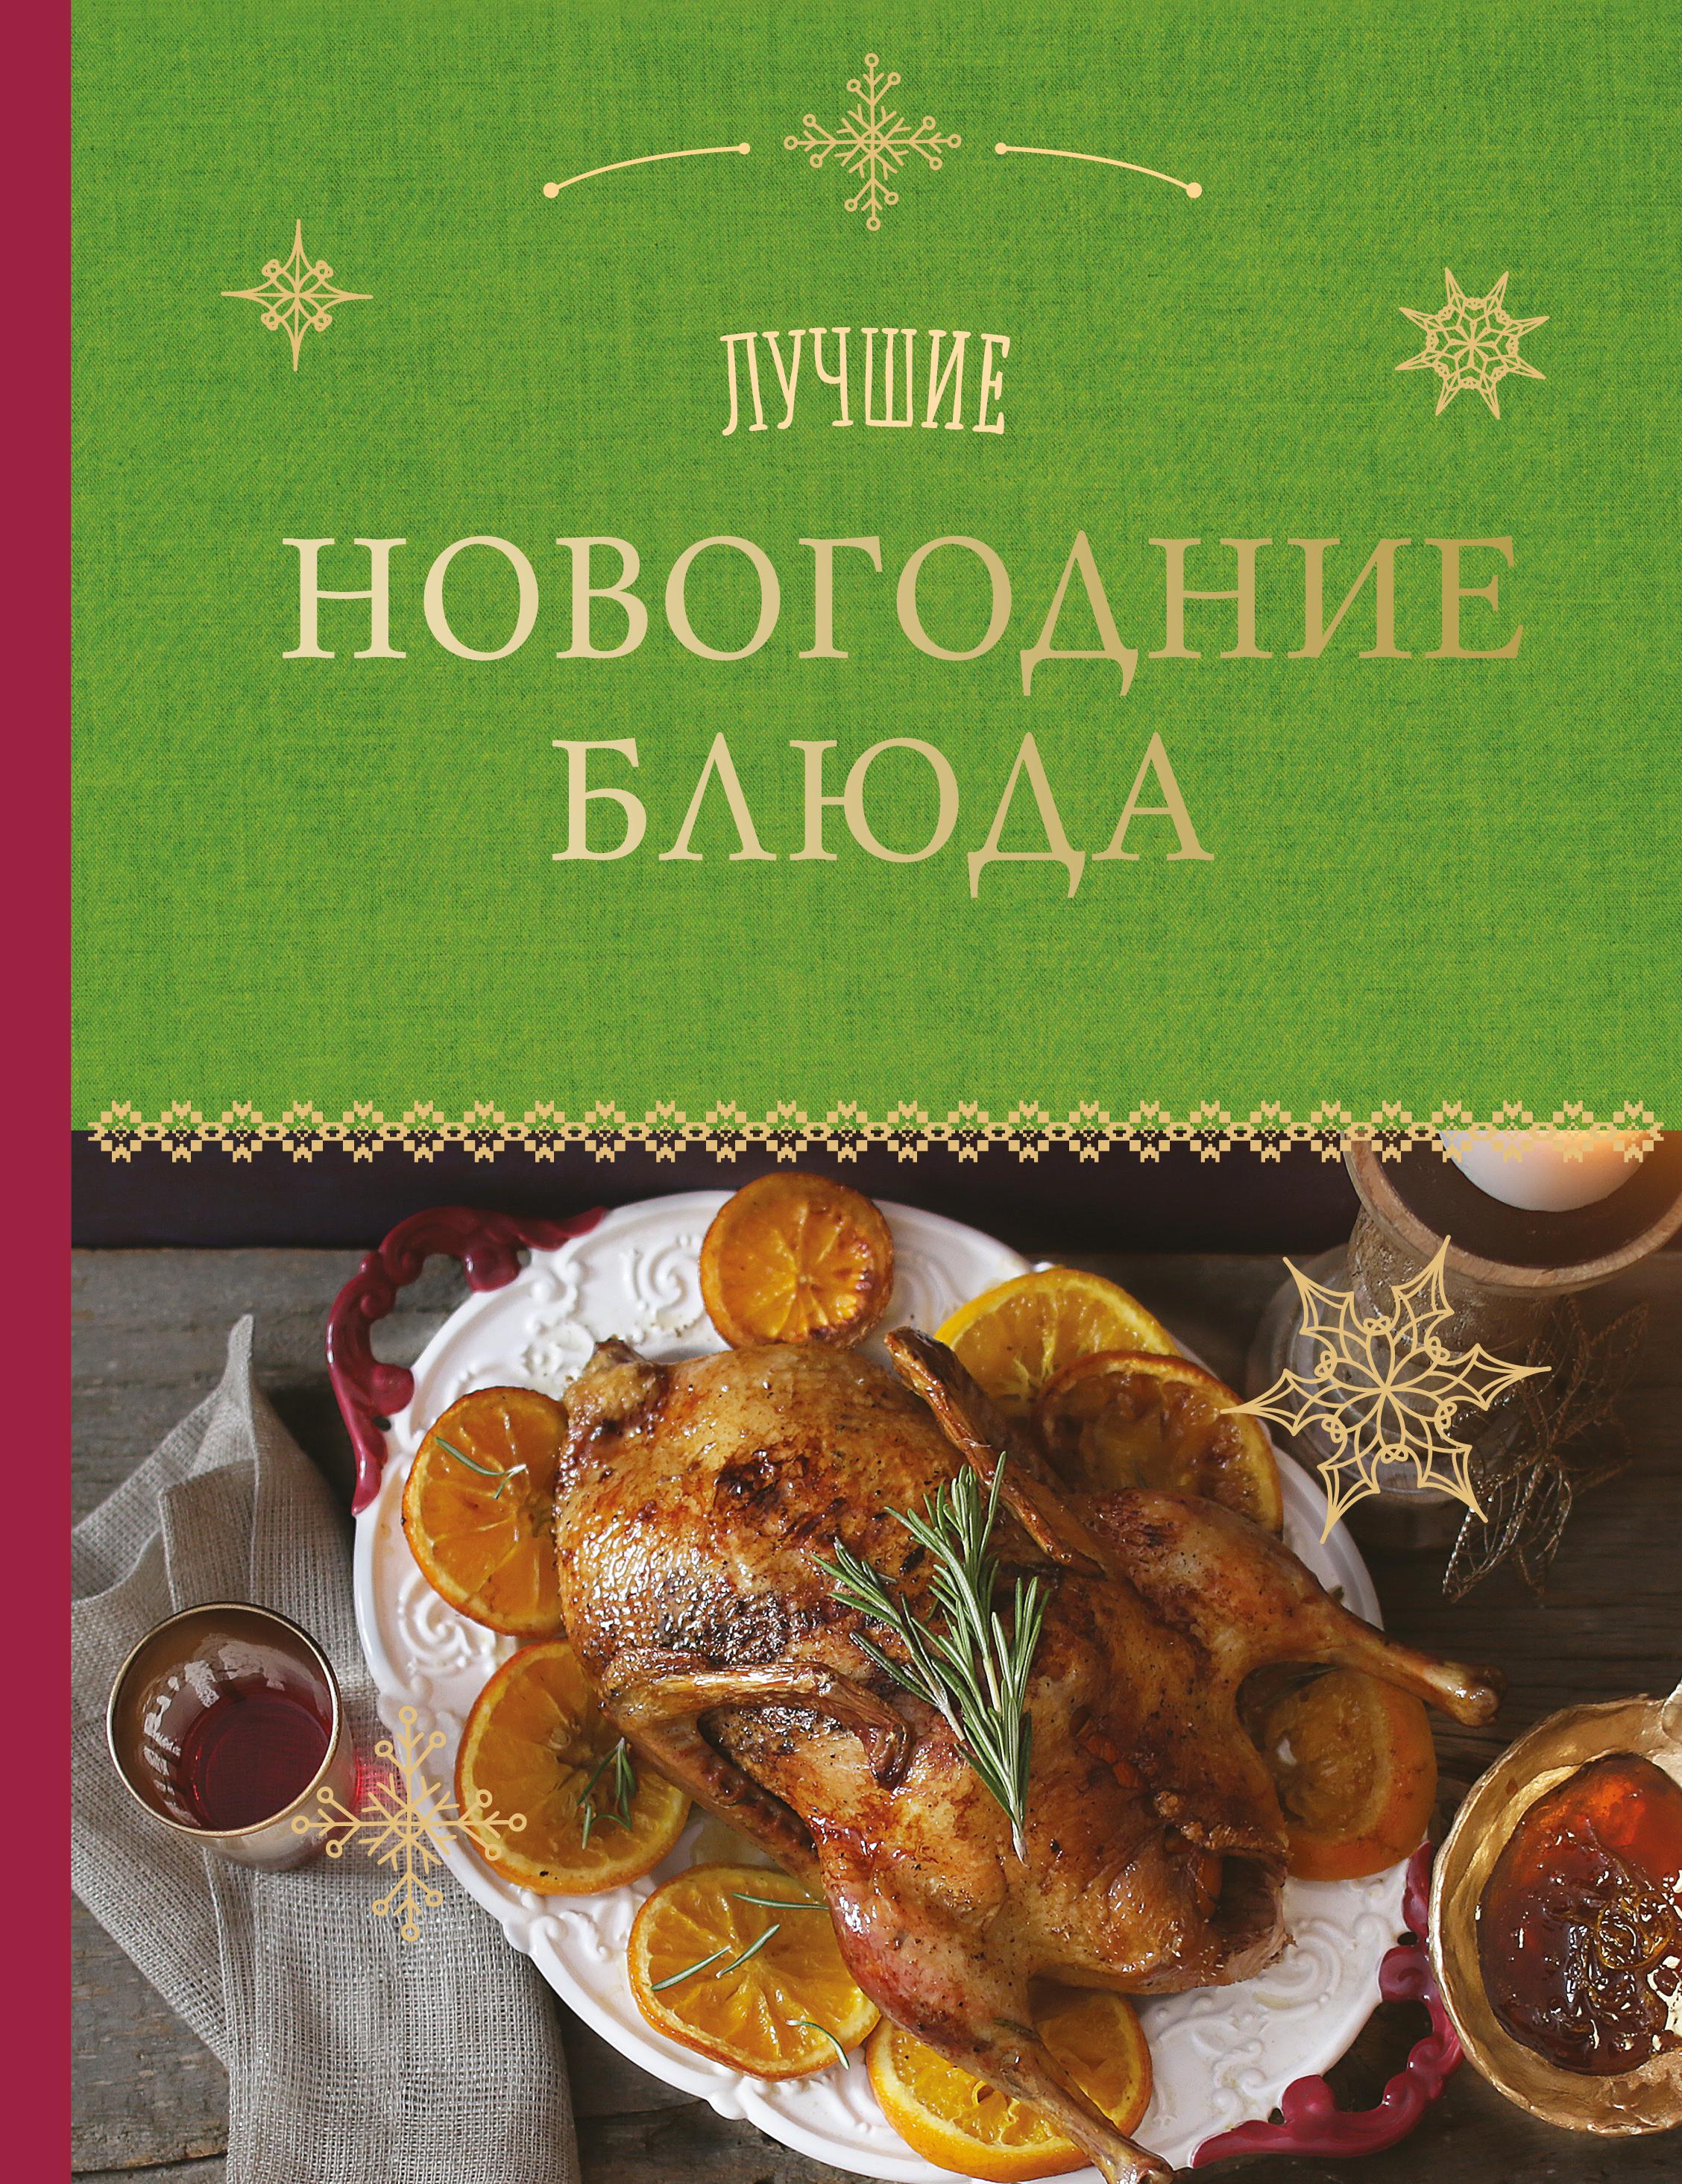 Новогодние рецепты в картинках данным источников